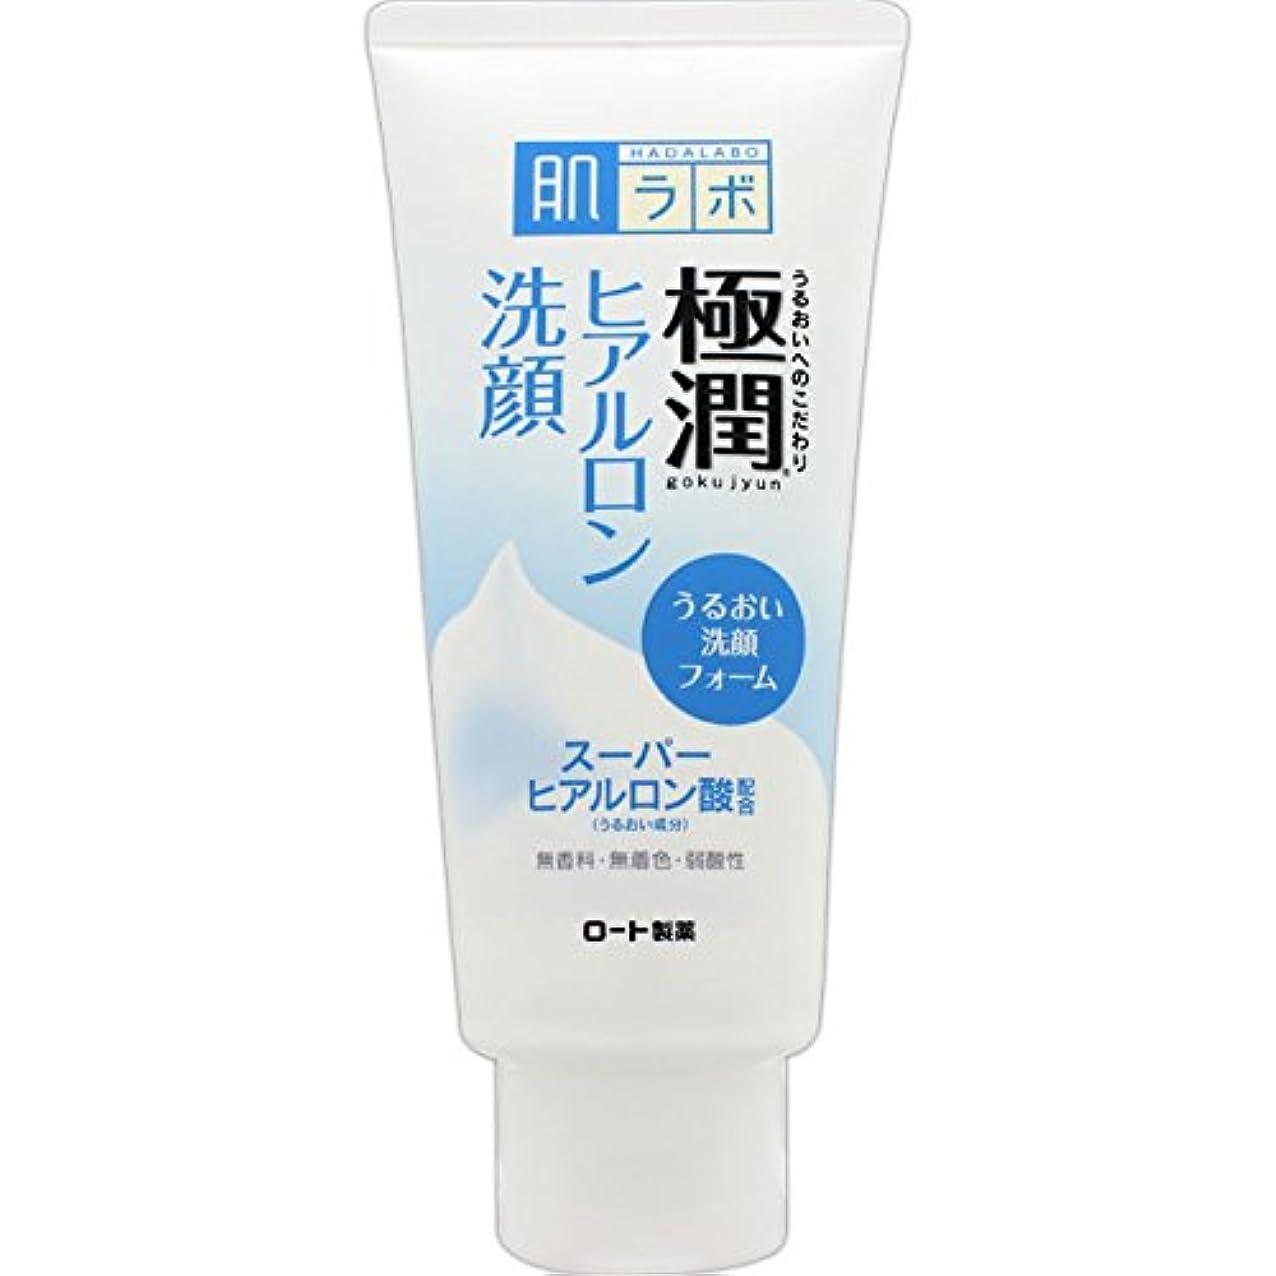 ドラフト耐久効果的肌ラボ 極潤 ヒアルロン洗顔フォーム スーパーヒアルロン酸&吸着型ヒアルロン酸をW配合 100g